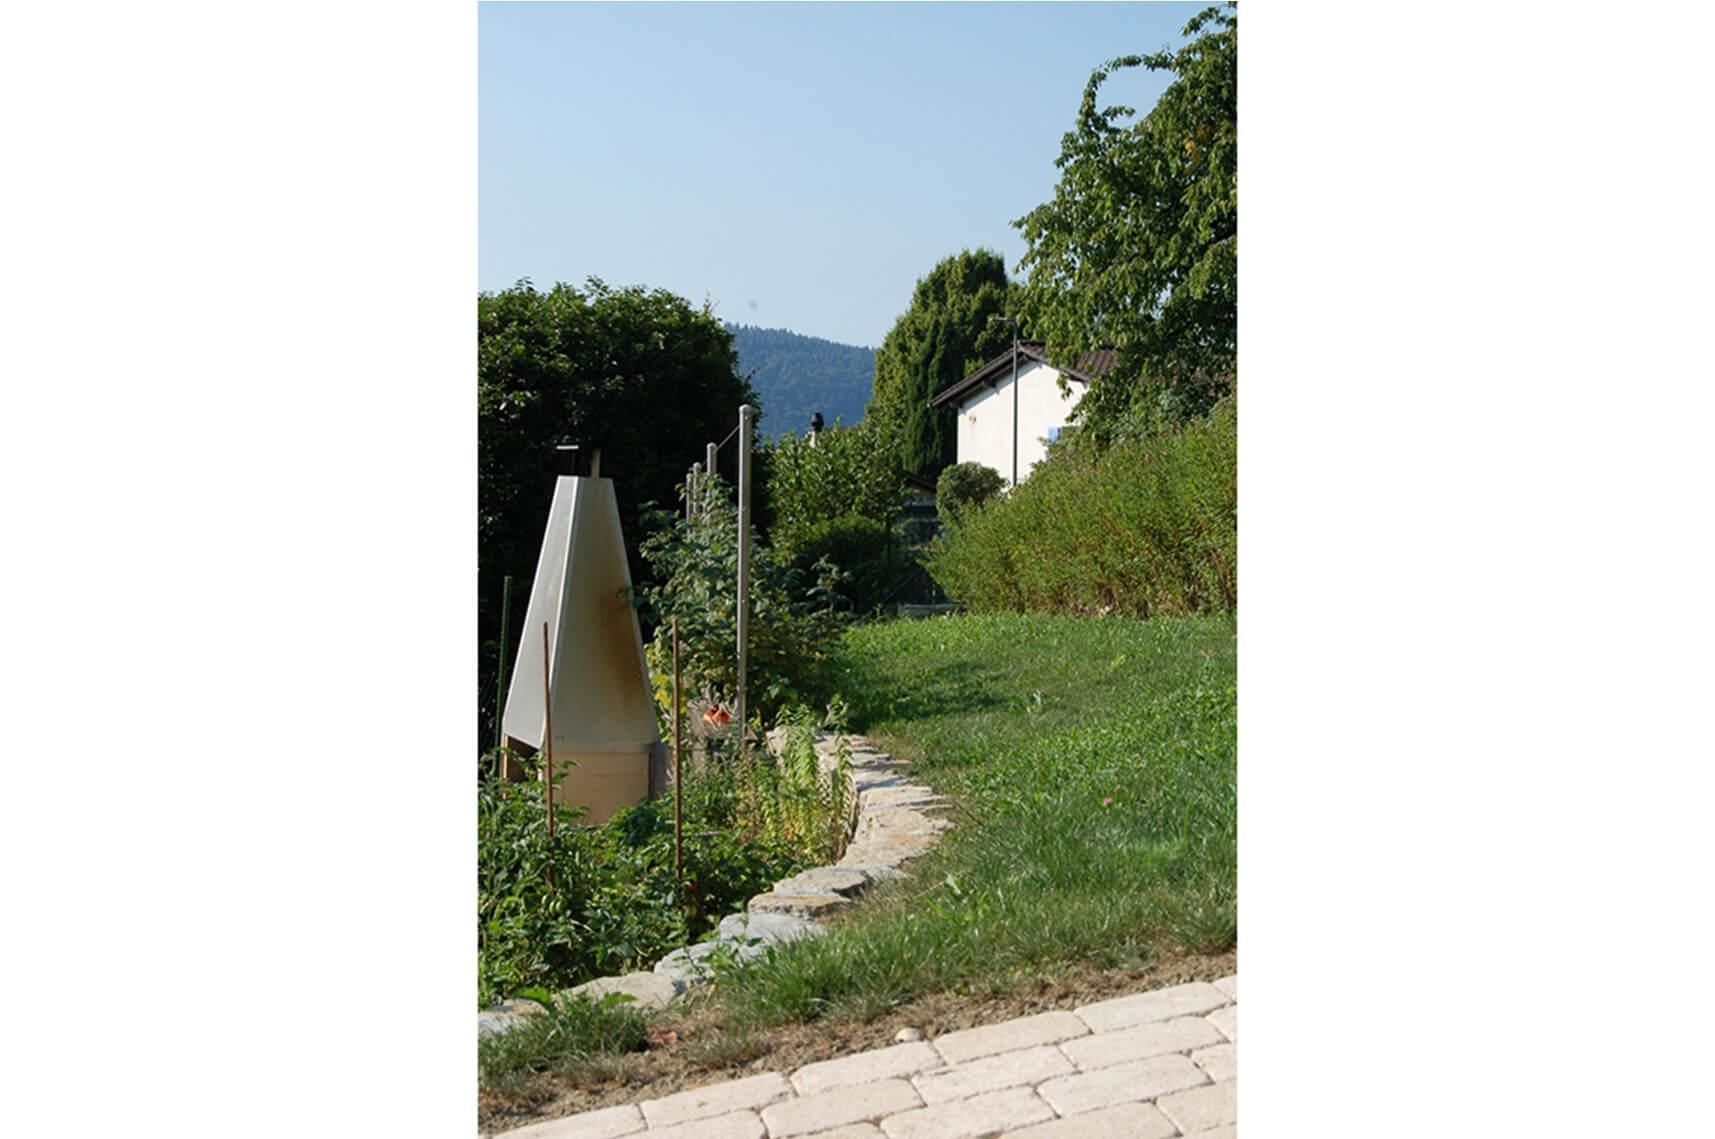 elig paysagiste jura berne biel bienne riviere cours eau source amenagement deviation canal (2)